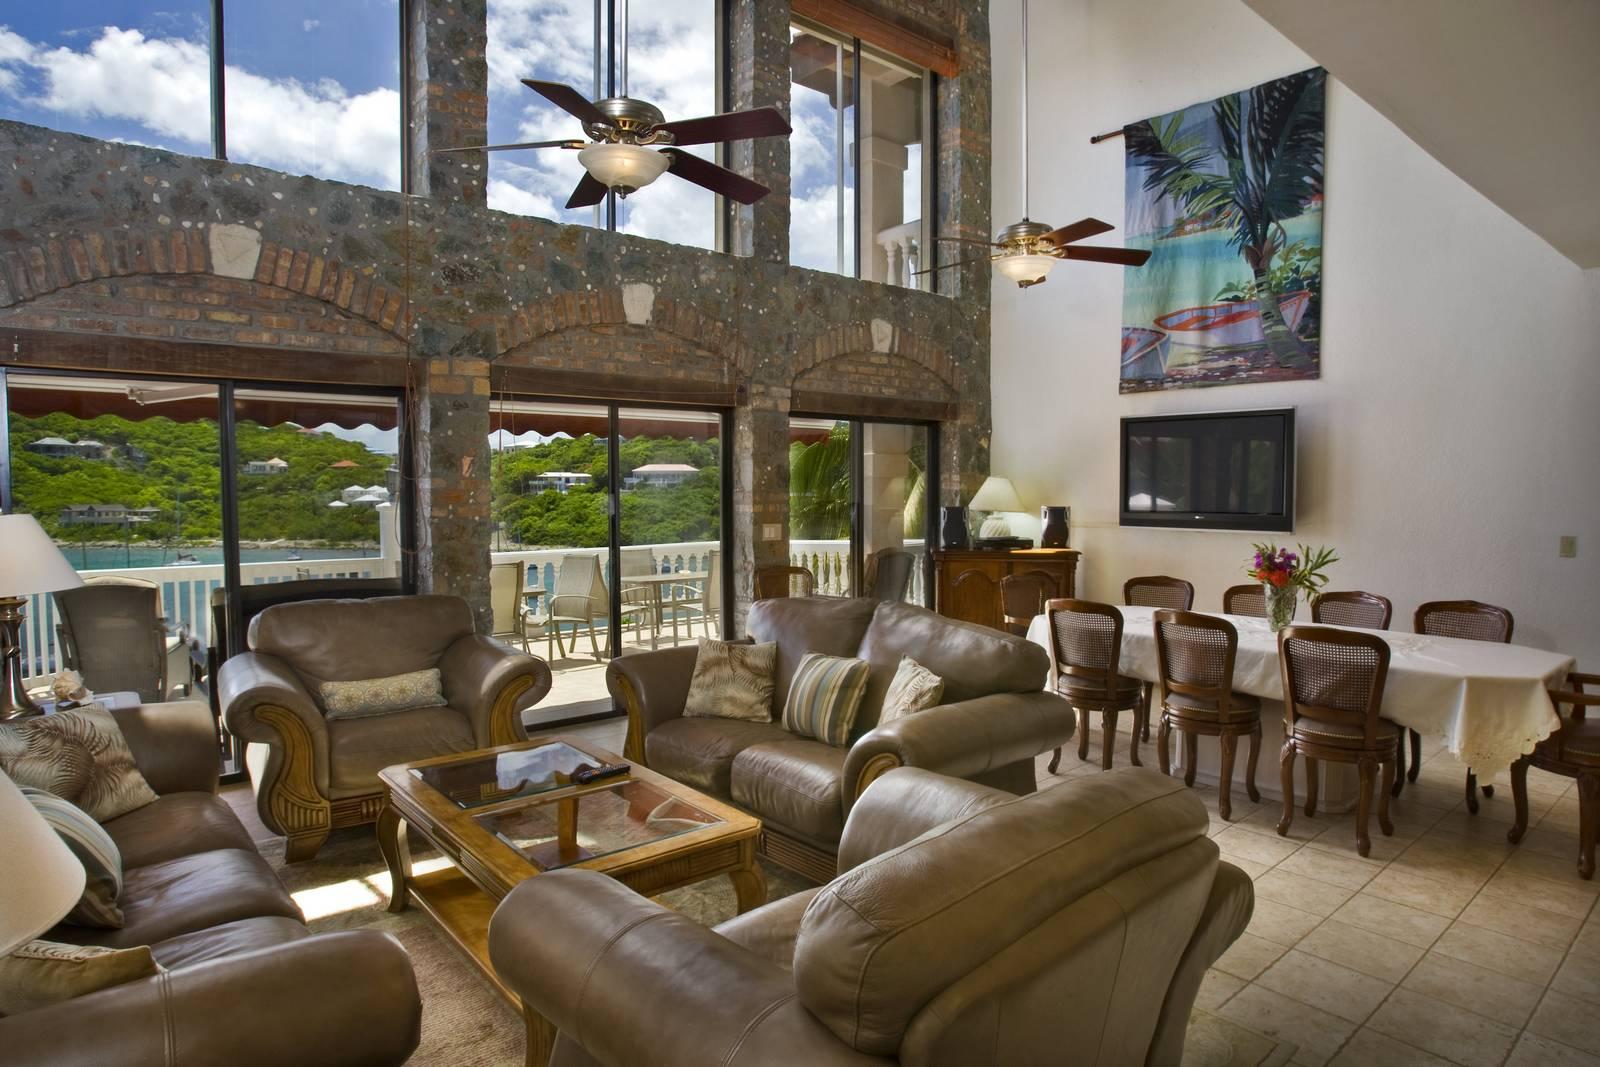 St John Usvi Vacations Rental Villas Villa St John Carefree Get